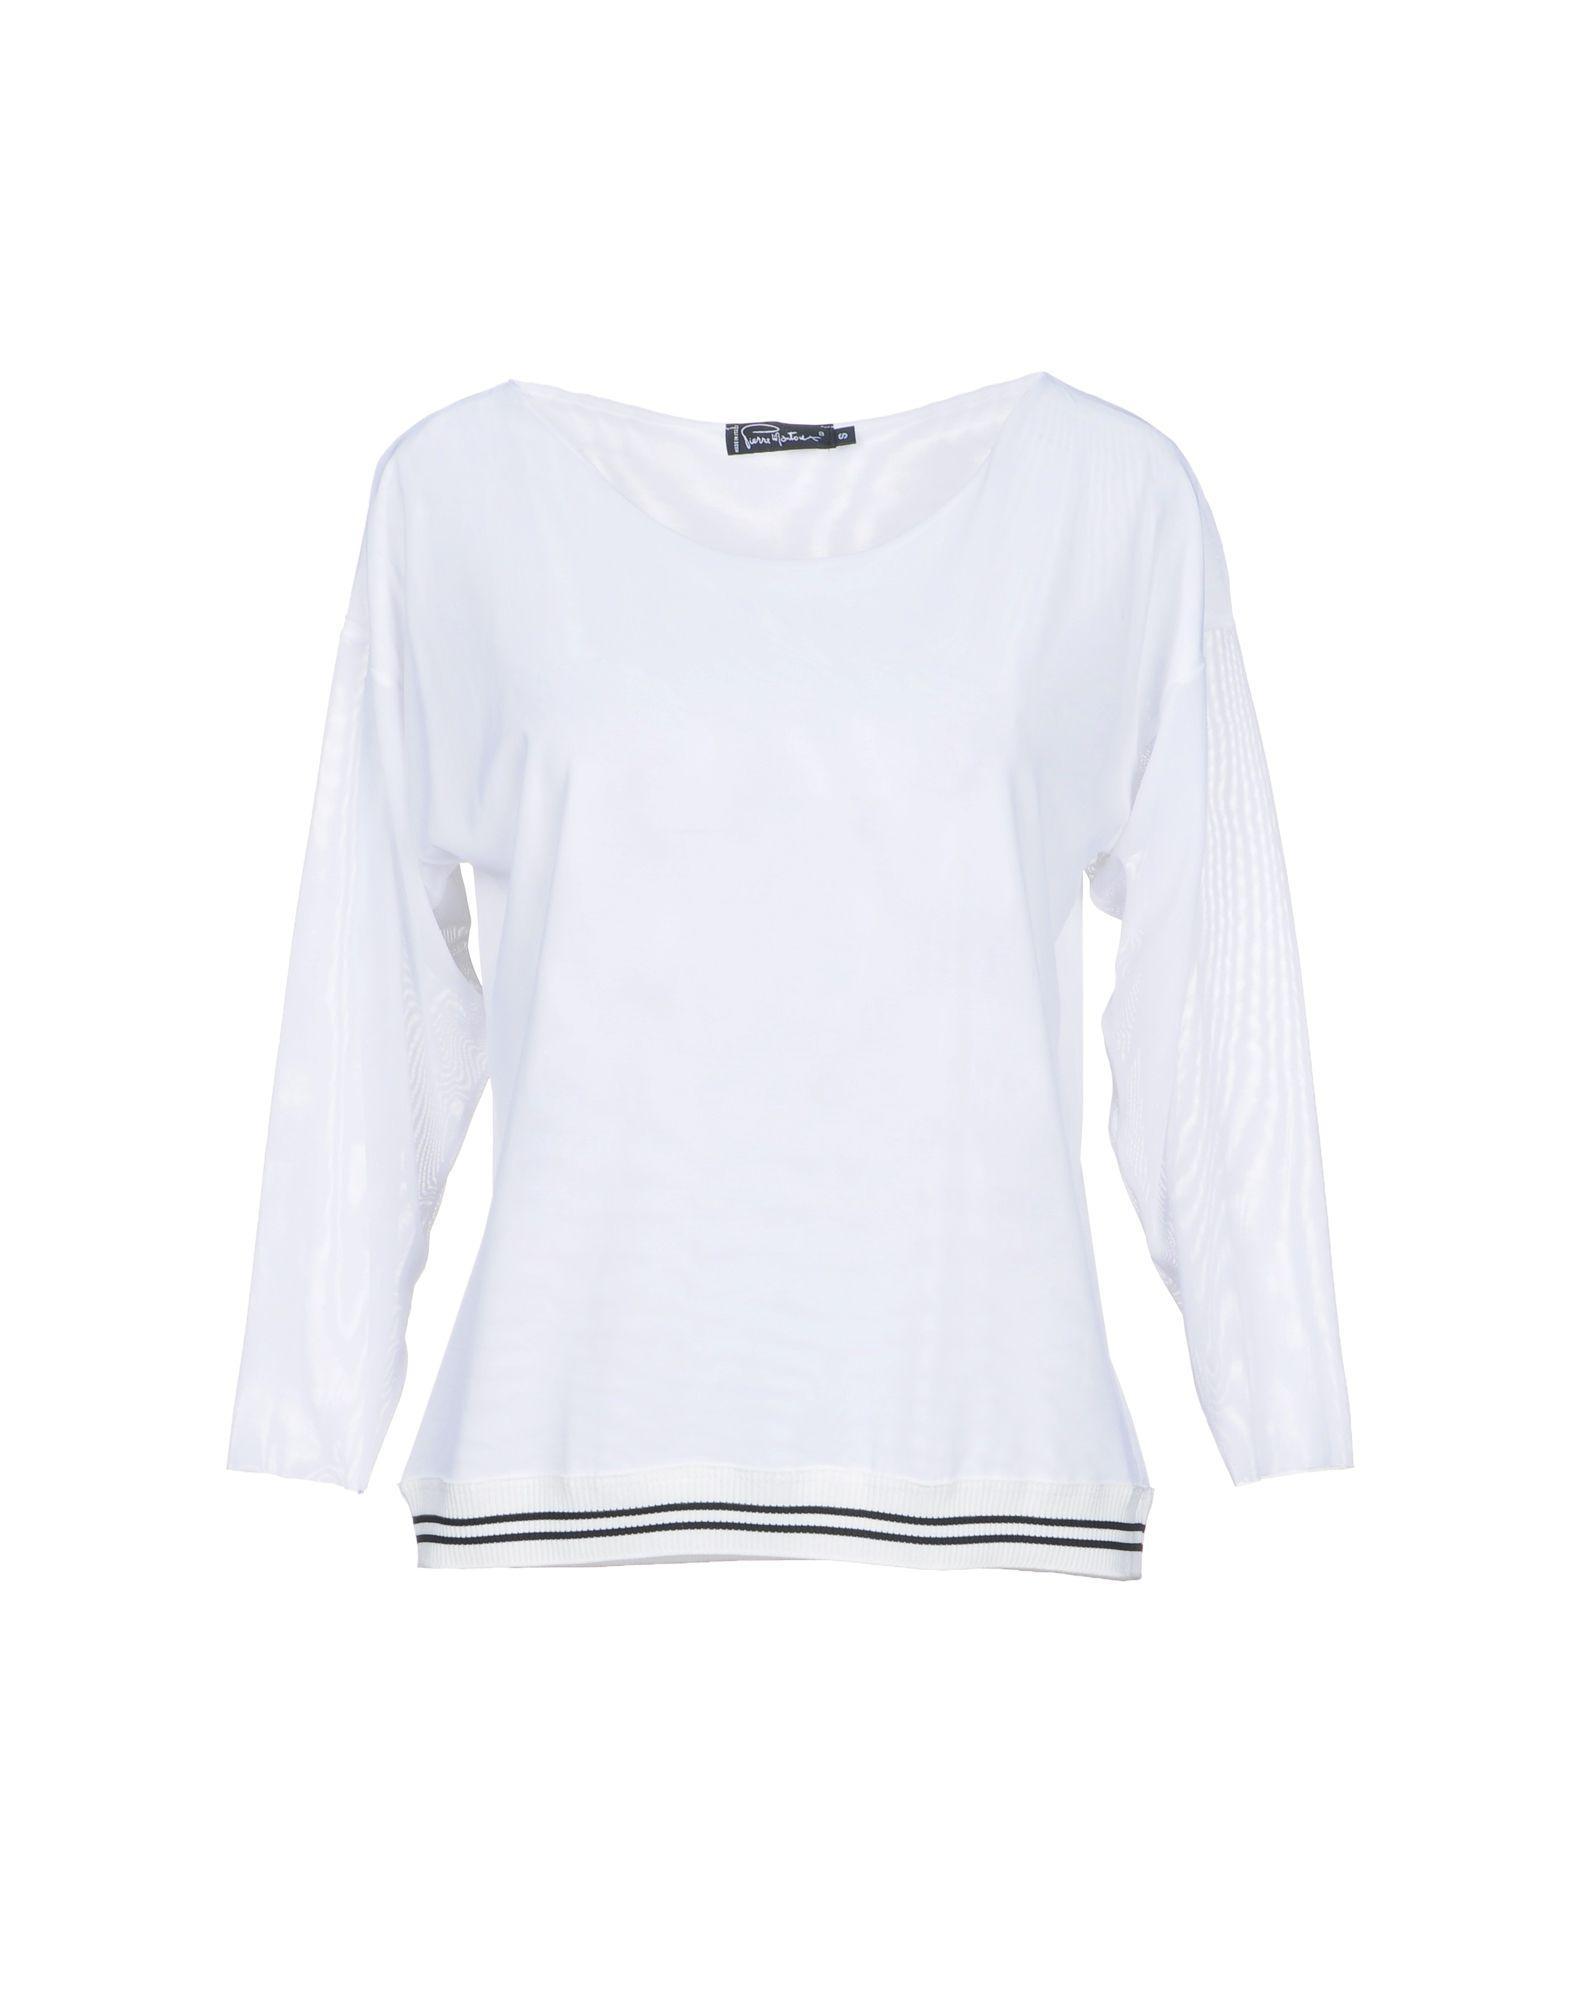 T White Lyst Shirt Pierre Mantoux In 4wqHSEfq